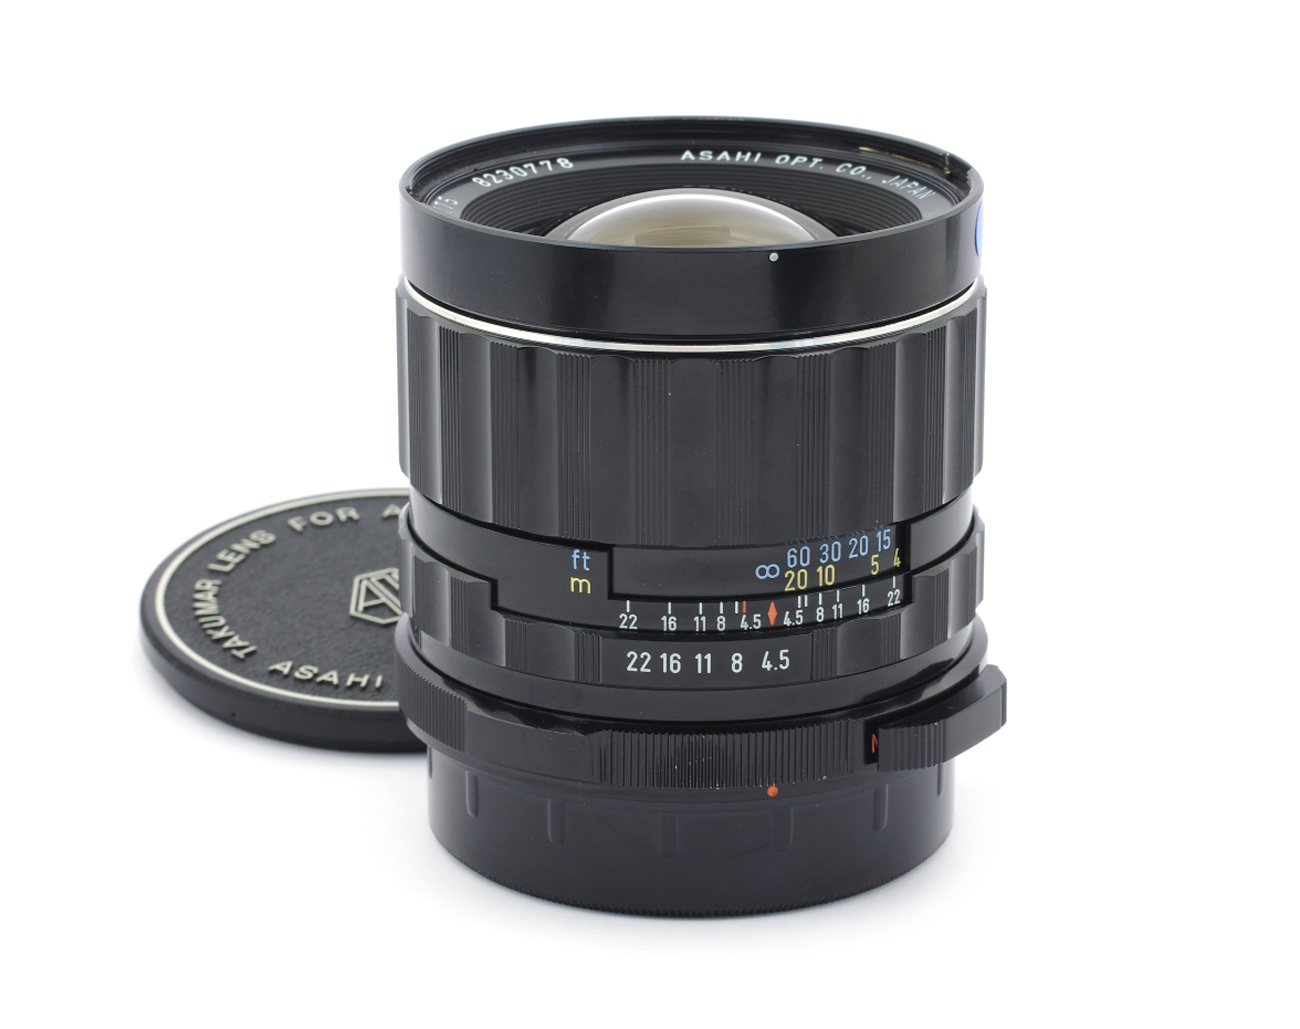 Asahi-Takumar-6x7-Super-Multi-Coated-4-5-75-mm-8230778-Lens